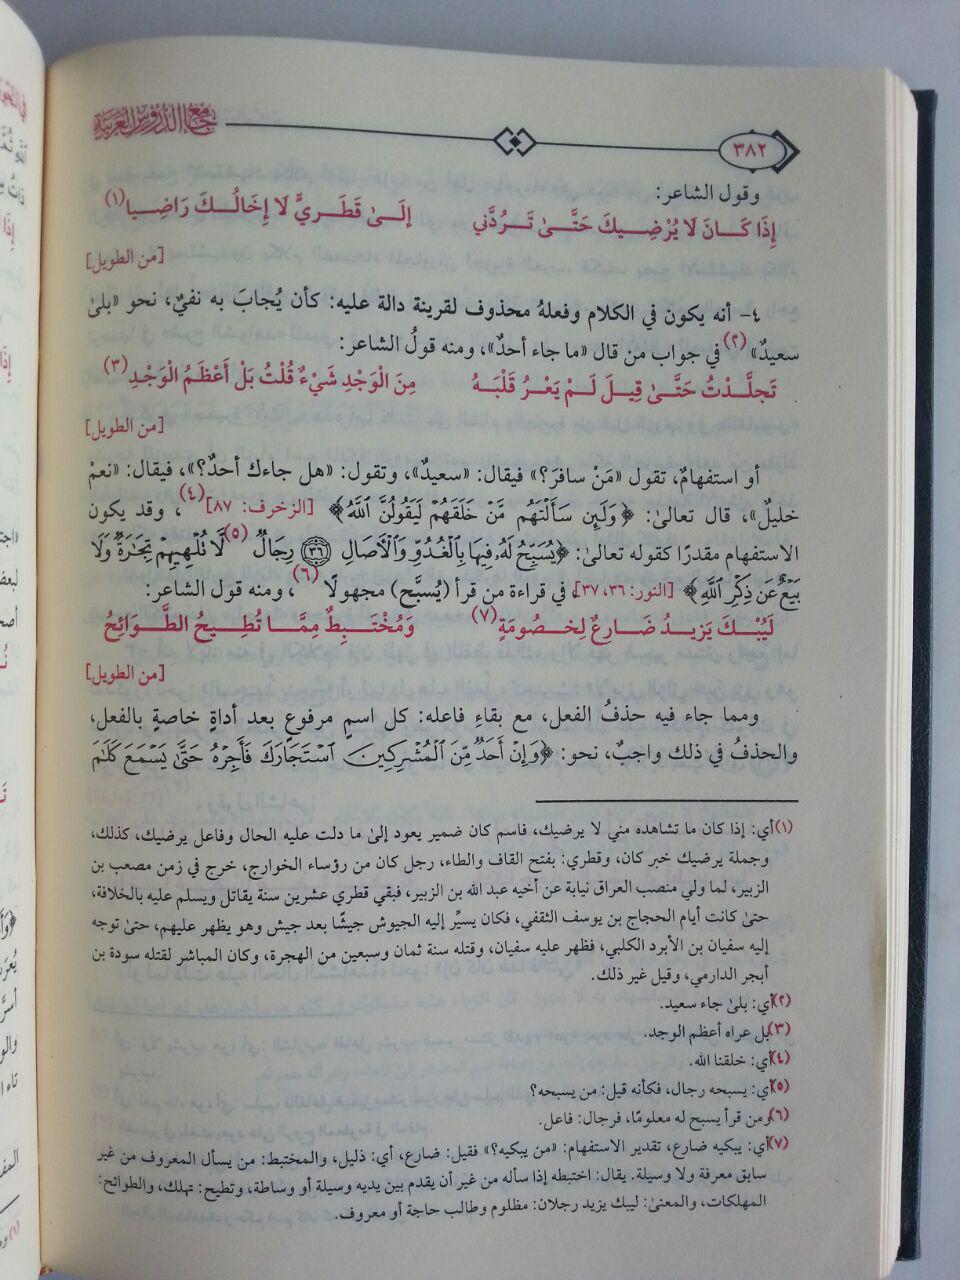 Kitab Jamiud Durus Al-Arabiyyah Fin Nahwi Shorf Balaghah Urudh isi